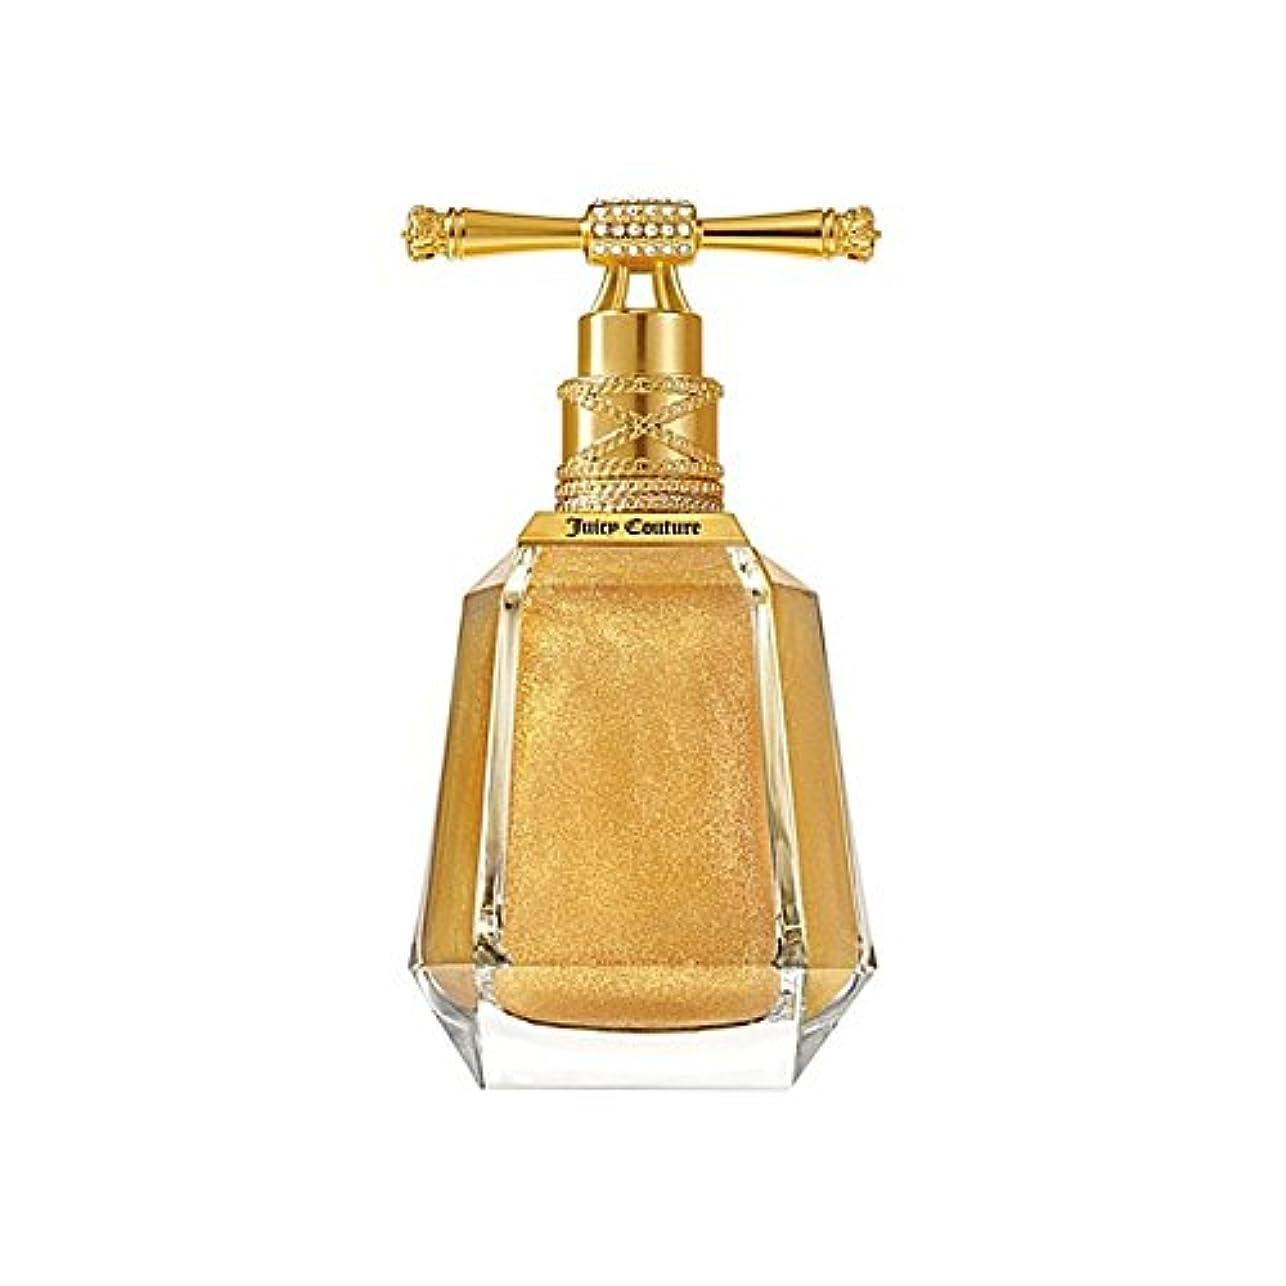 Juicy Couture Dry Oil Shimmer Mist 100ml (Pack of 6) - ジューシークチュールドライオイルきらめきミスト100ミリリットル x6 [並行輸入品]